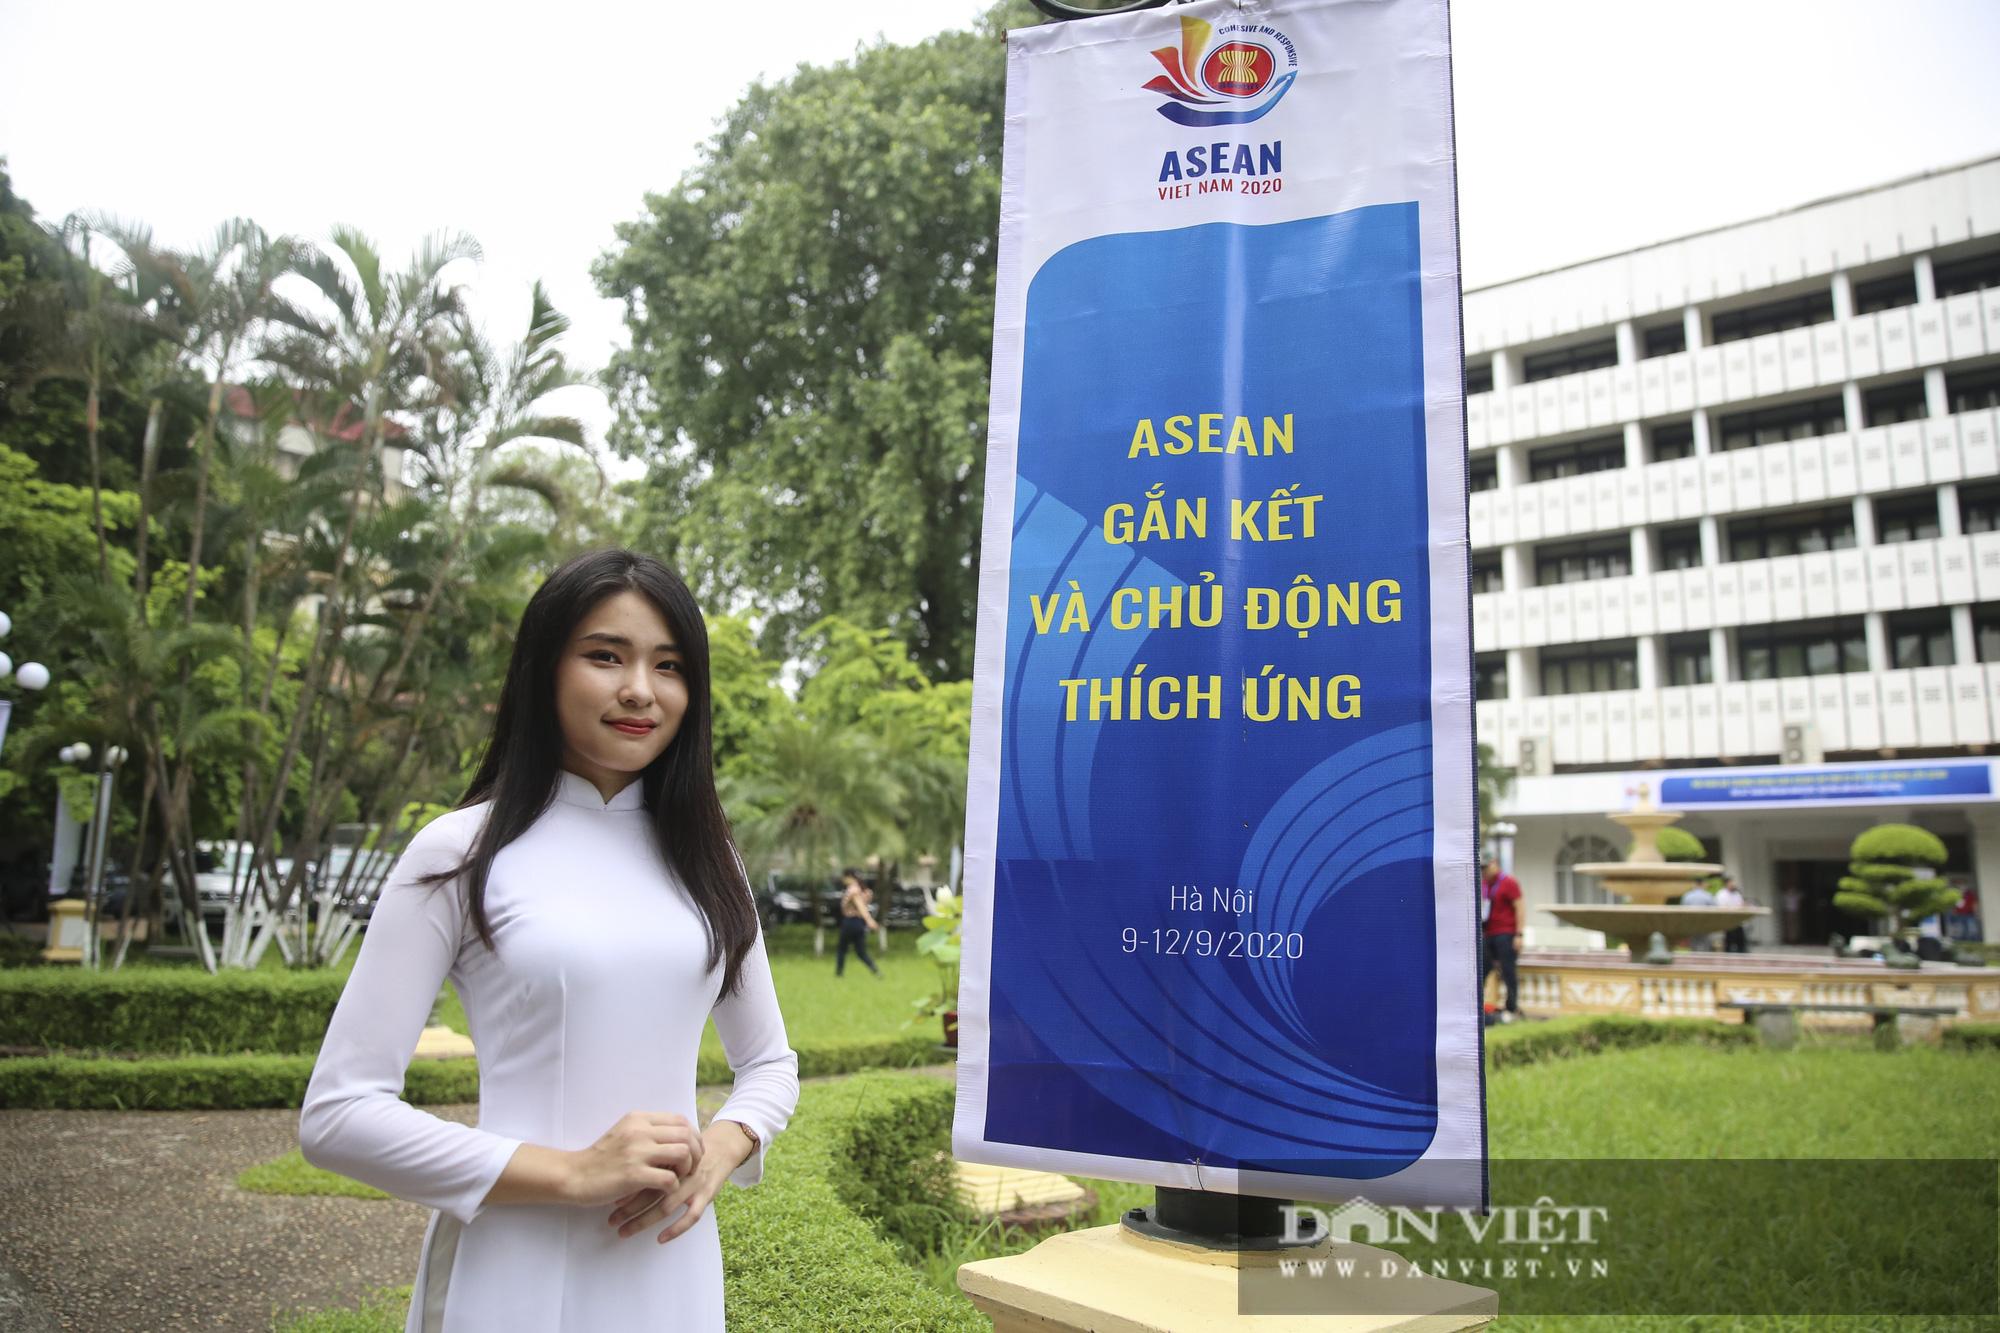 Toàn cảnh Hội nghị Bộ trưởng Bộ trưởng Ngoại giao ASEAN lần thứ 53 - Ảnh 10.